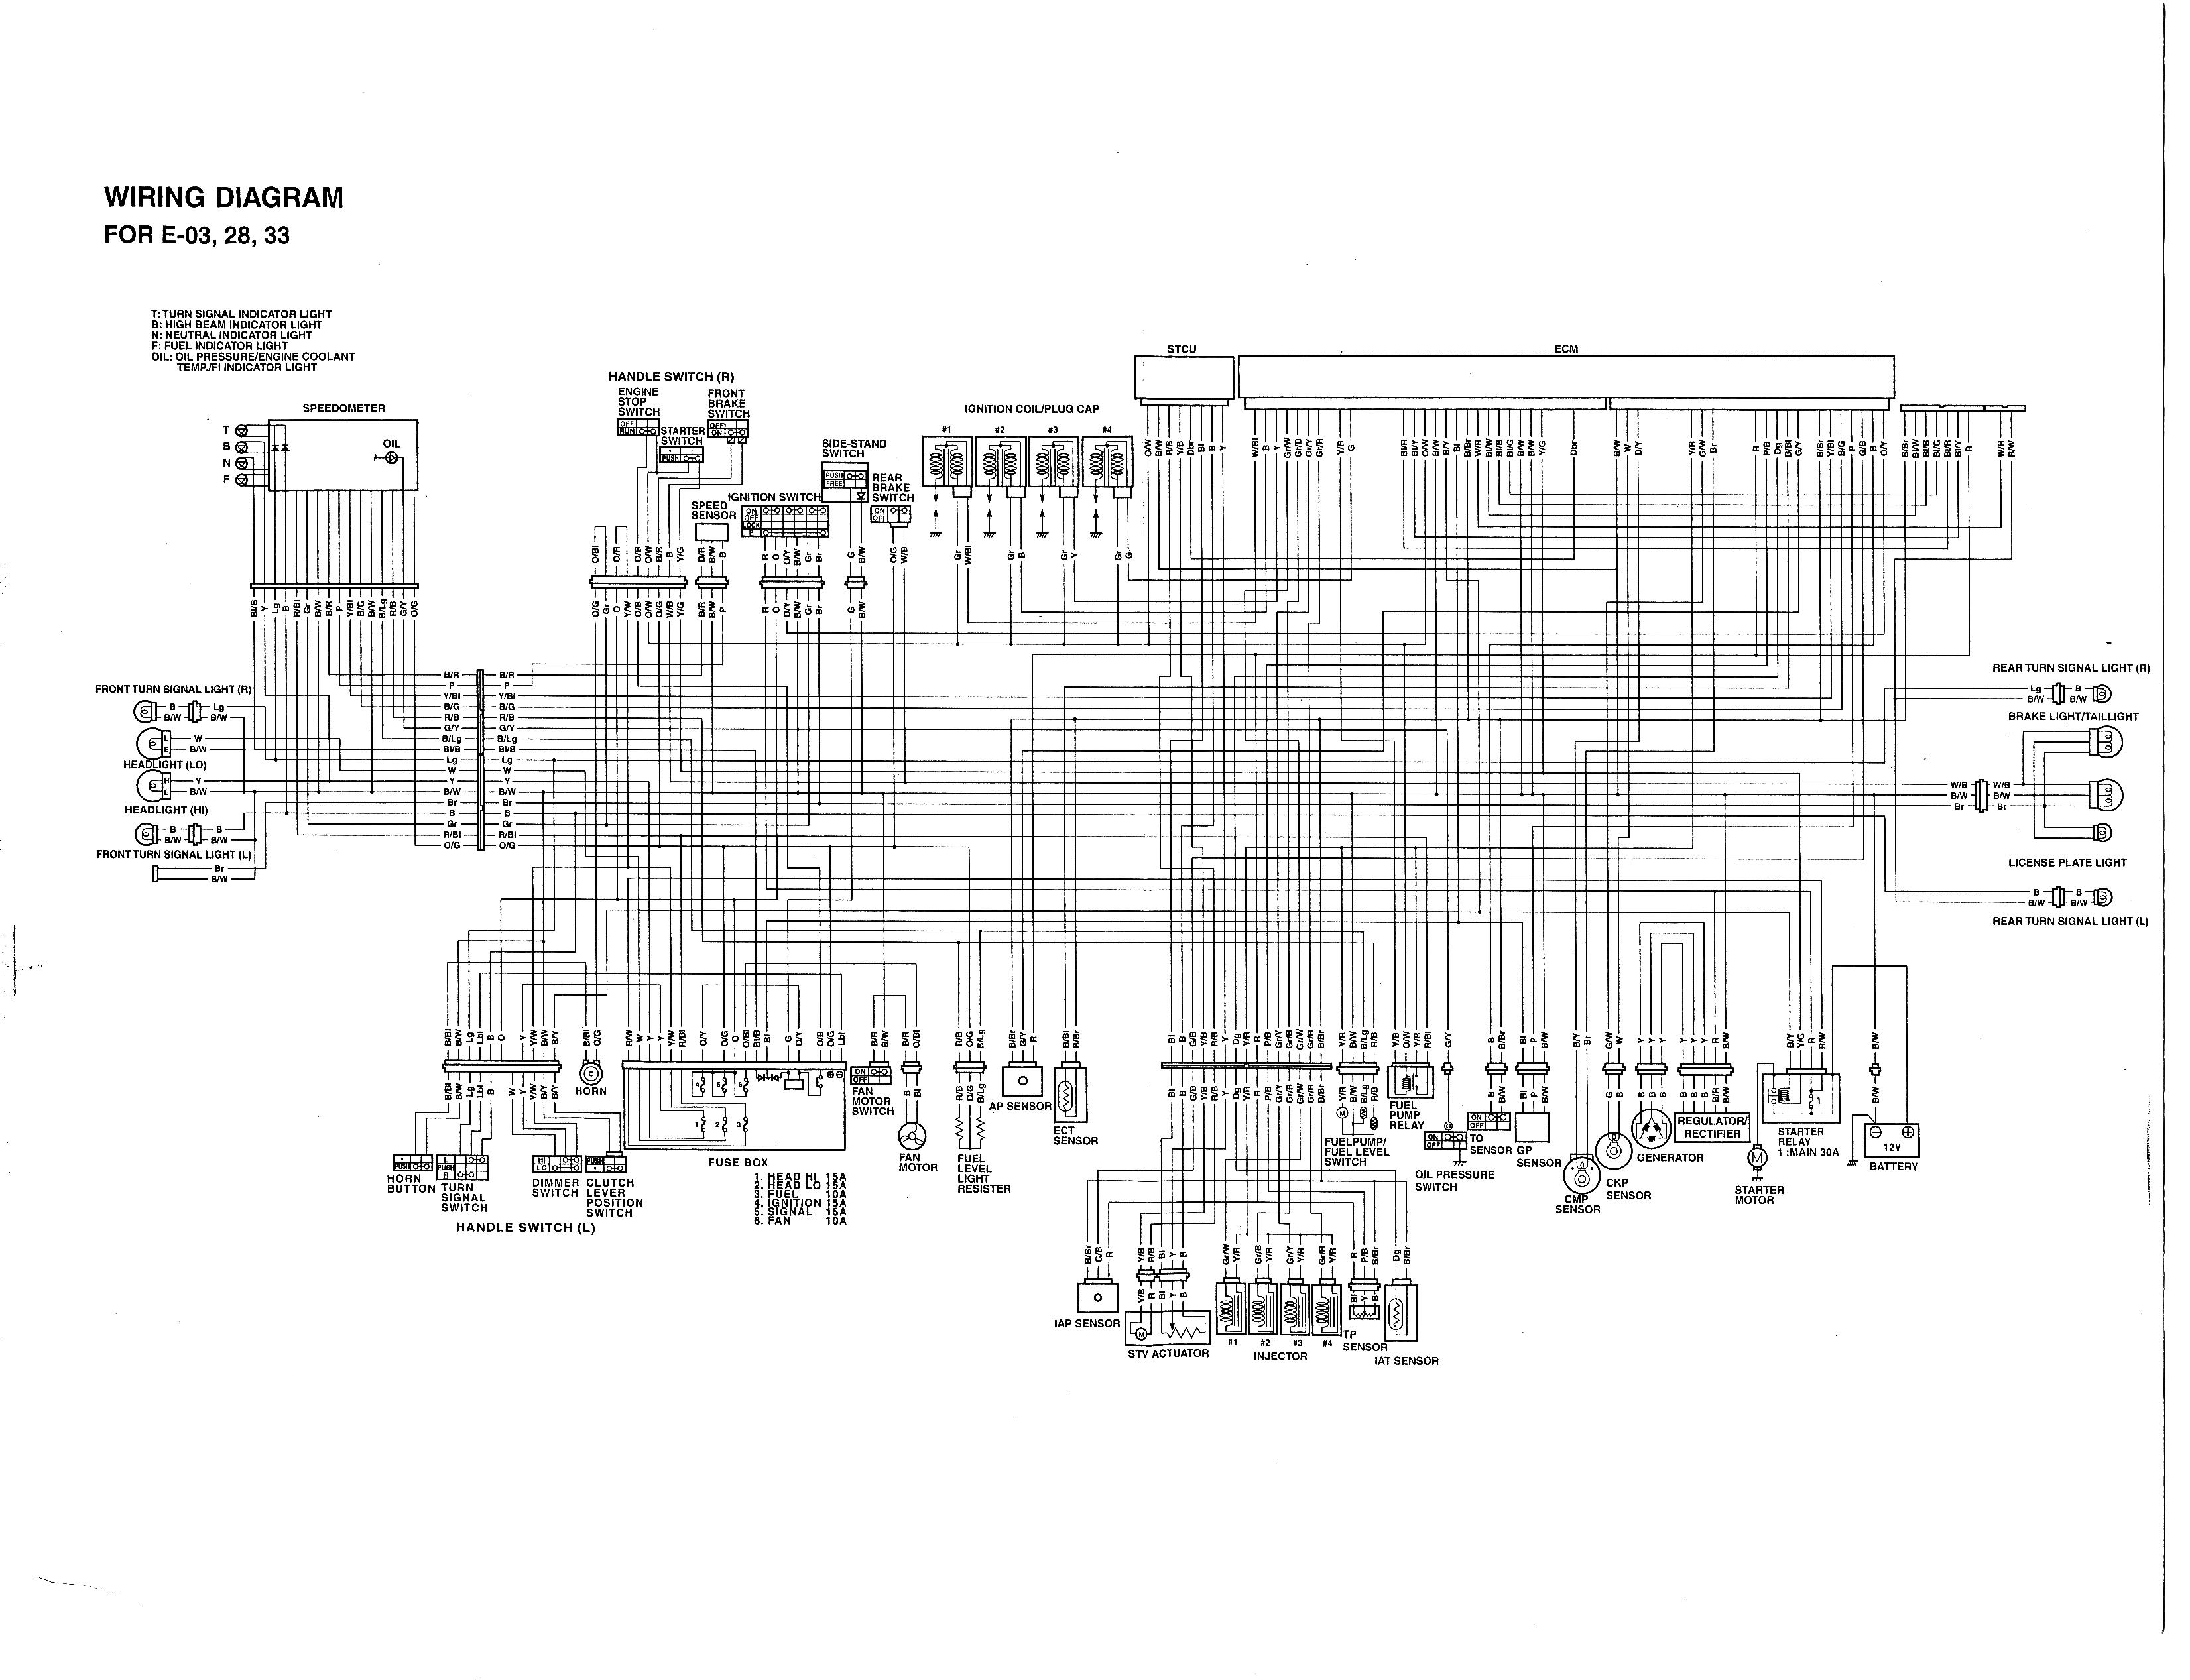 07 hayabusa wiring diagram 96 grand cherokee 2002 suzuki gsxr 750 wire schematic auto electrical